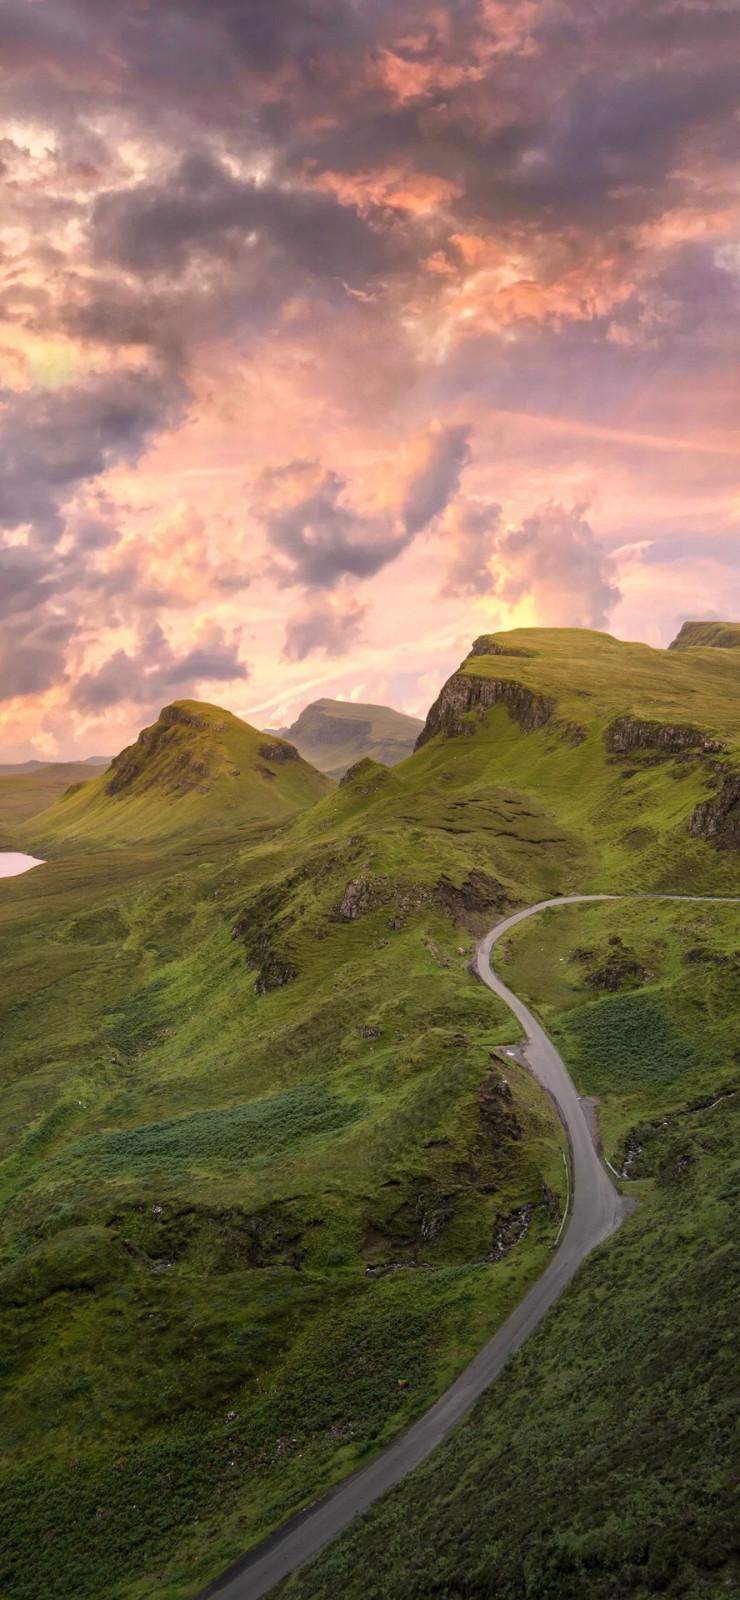 好看的风景图片 绿色清新的自然风光